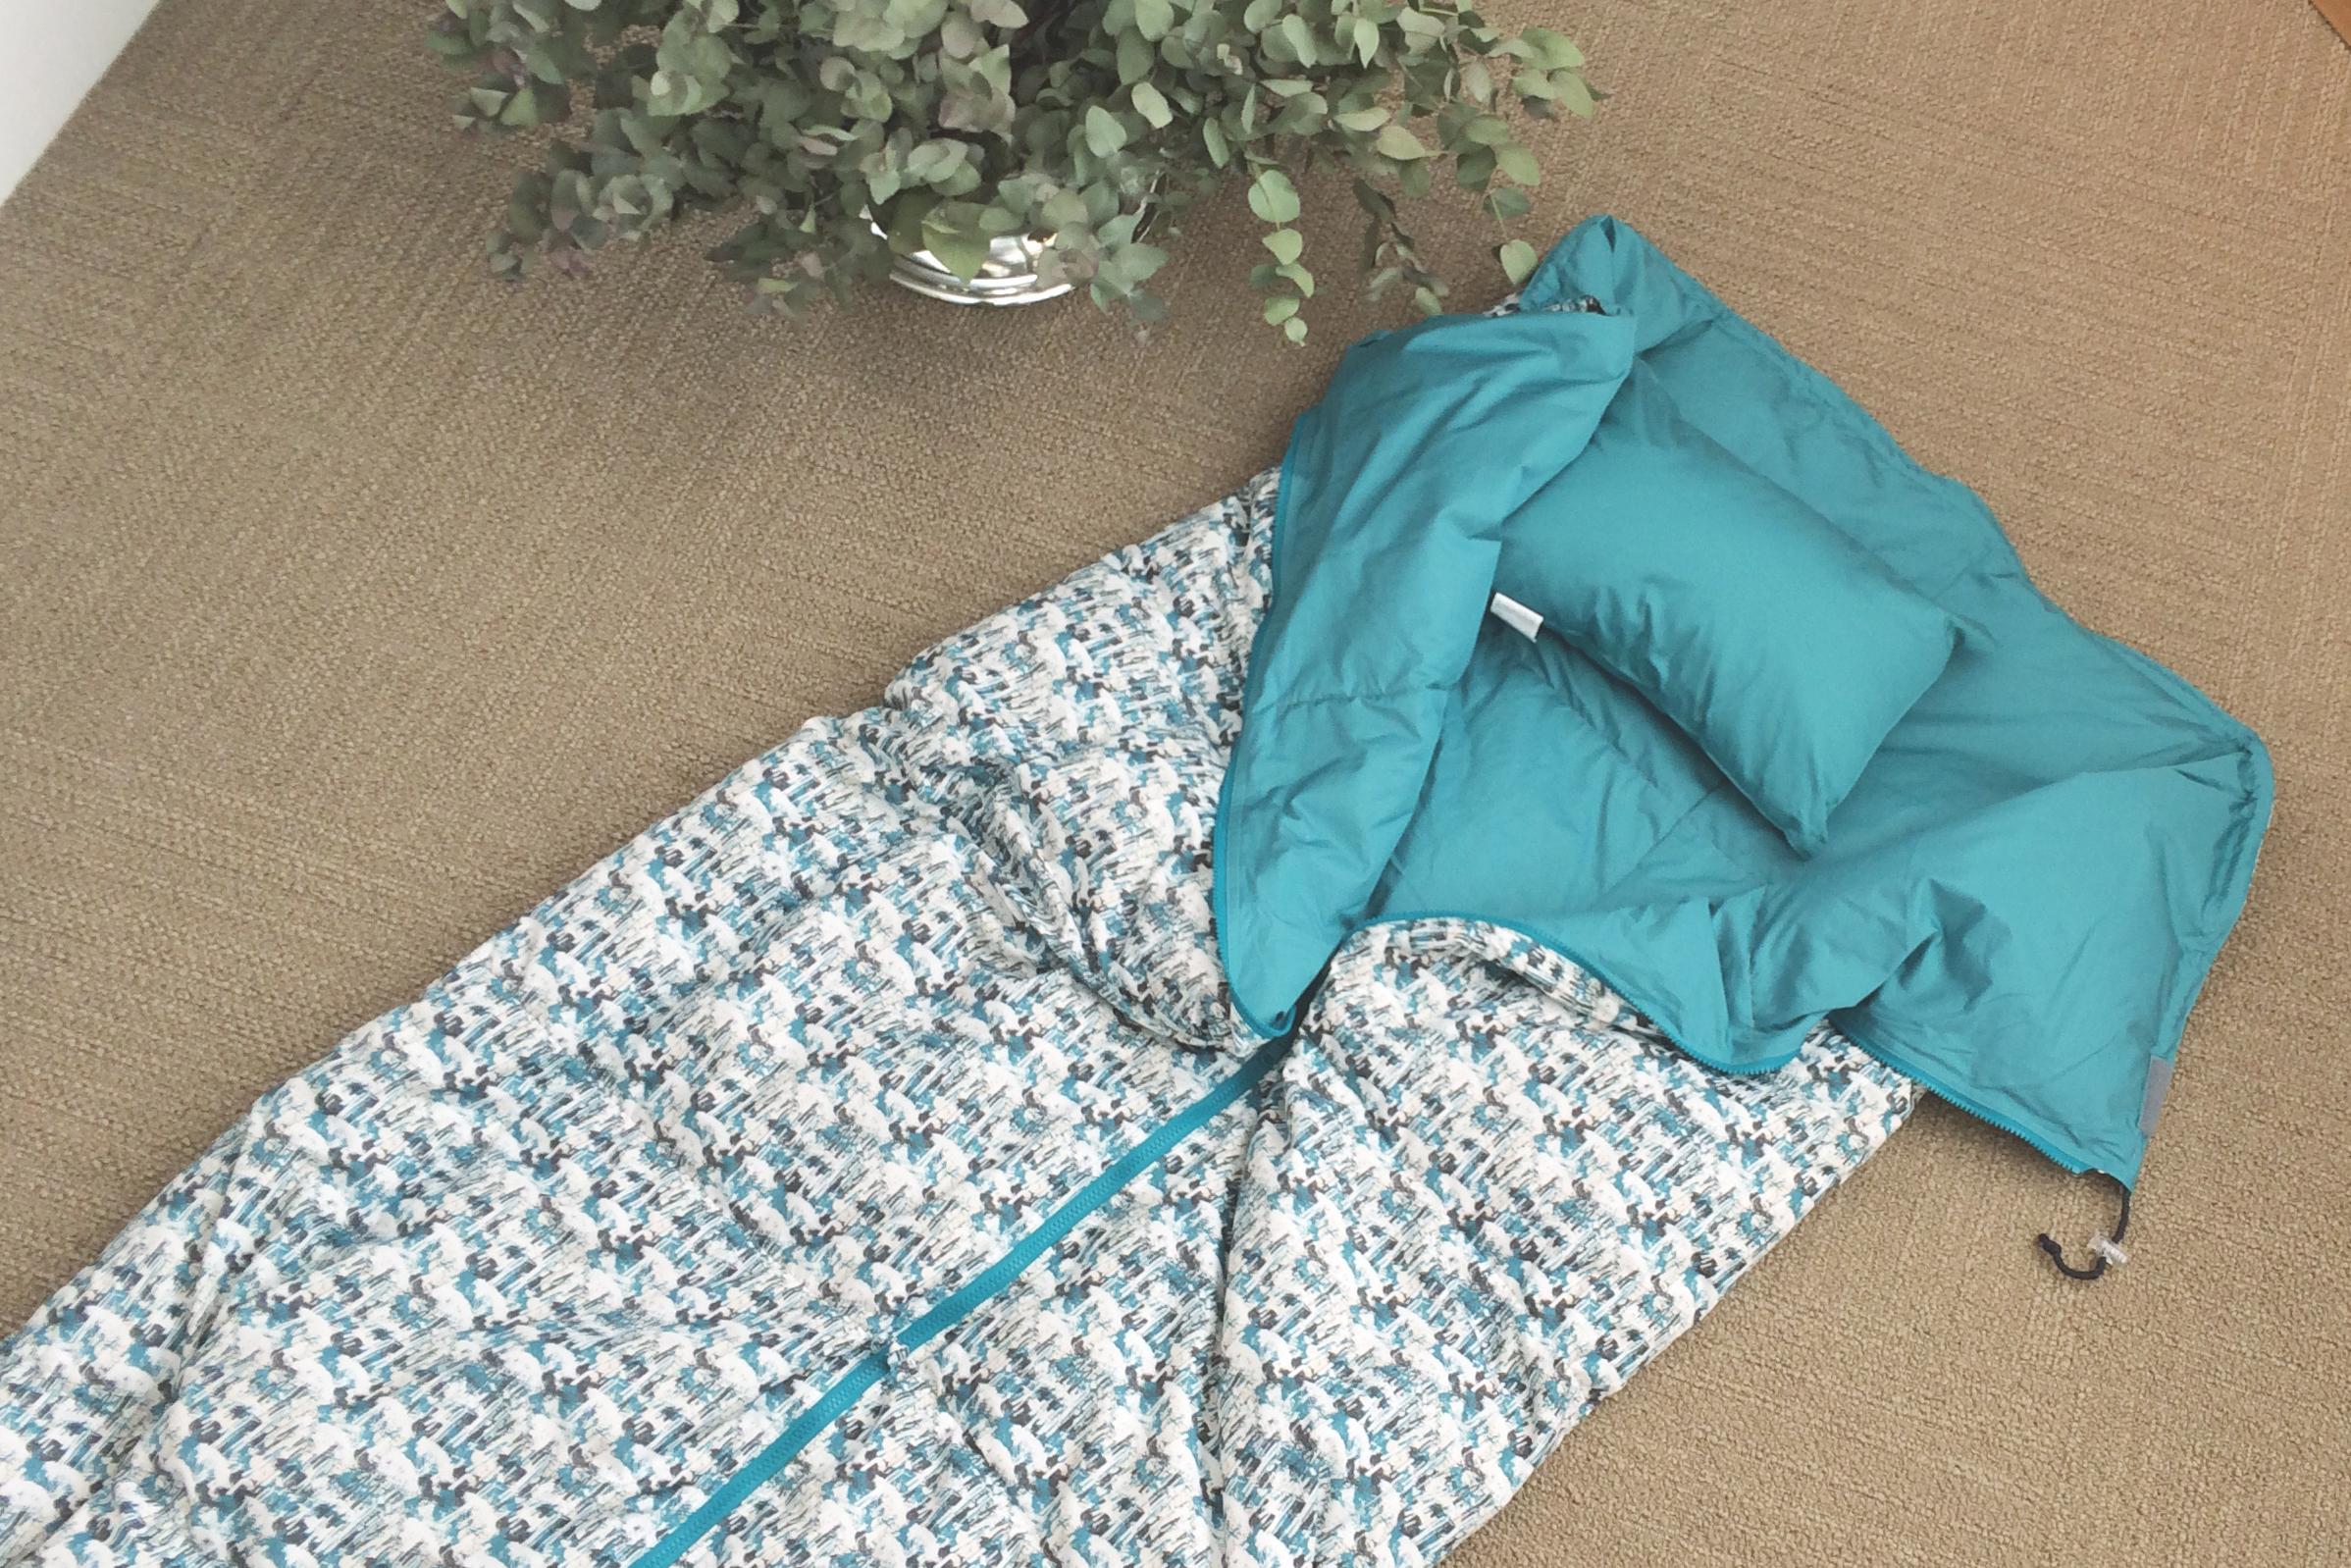 新生活のお祝いに 寝袋クッション